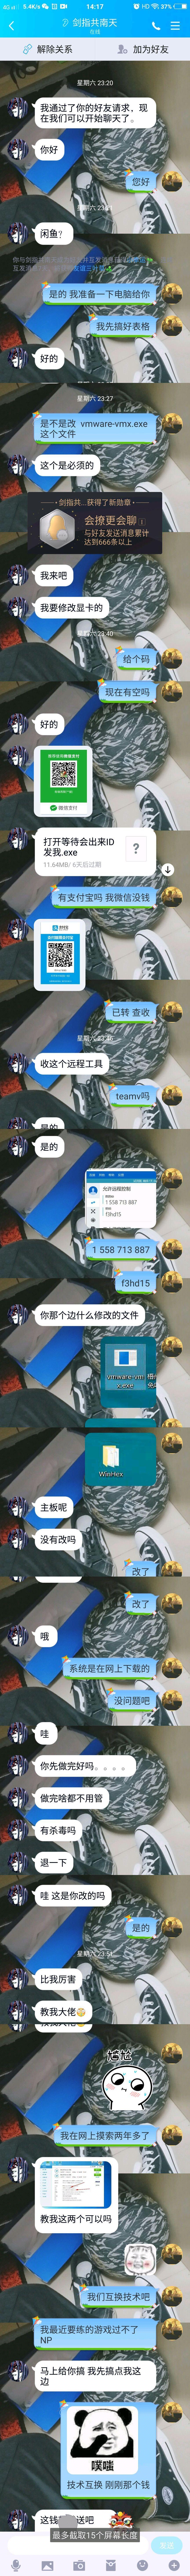 曝光闲鱼卖虚拟机骗子QQ841125502 闲鱼账号ID:tb3755673463